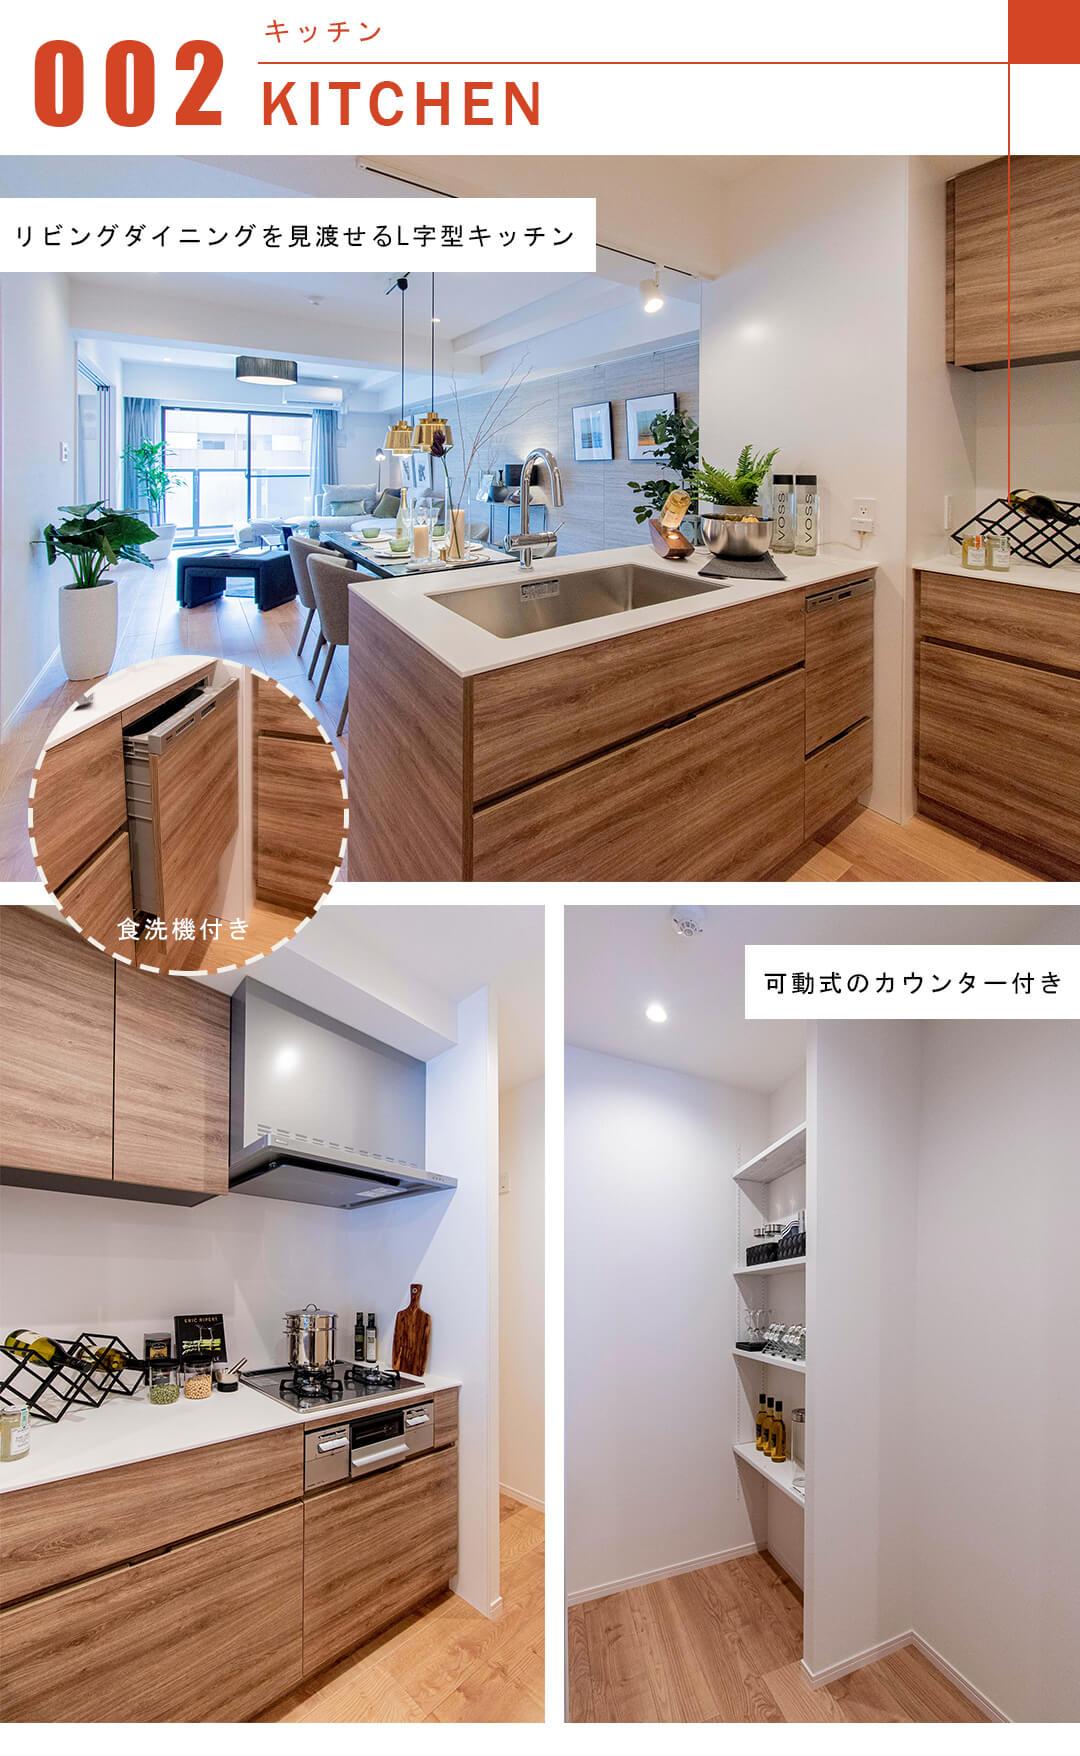 ファミール浅草一丁目のキッチン